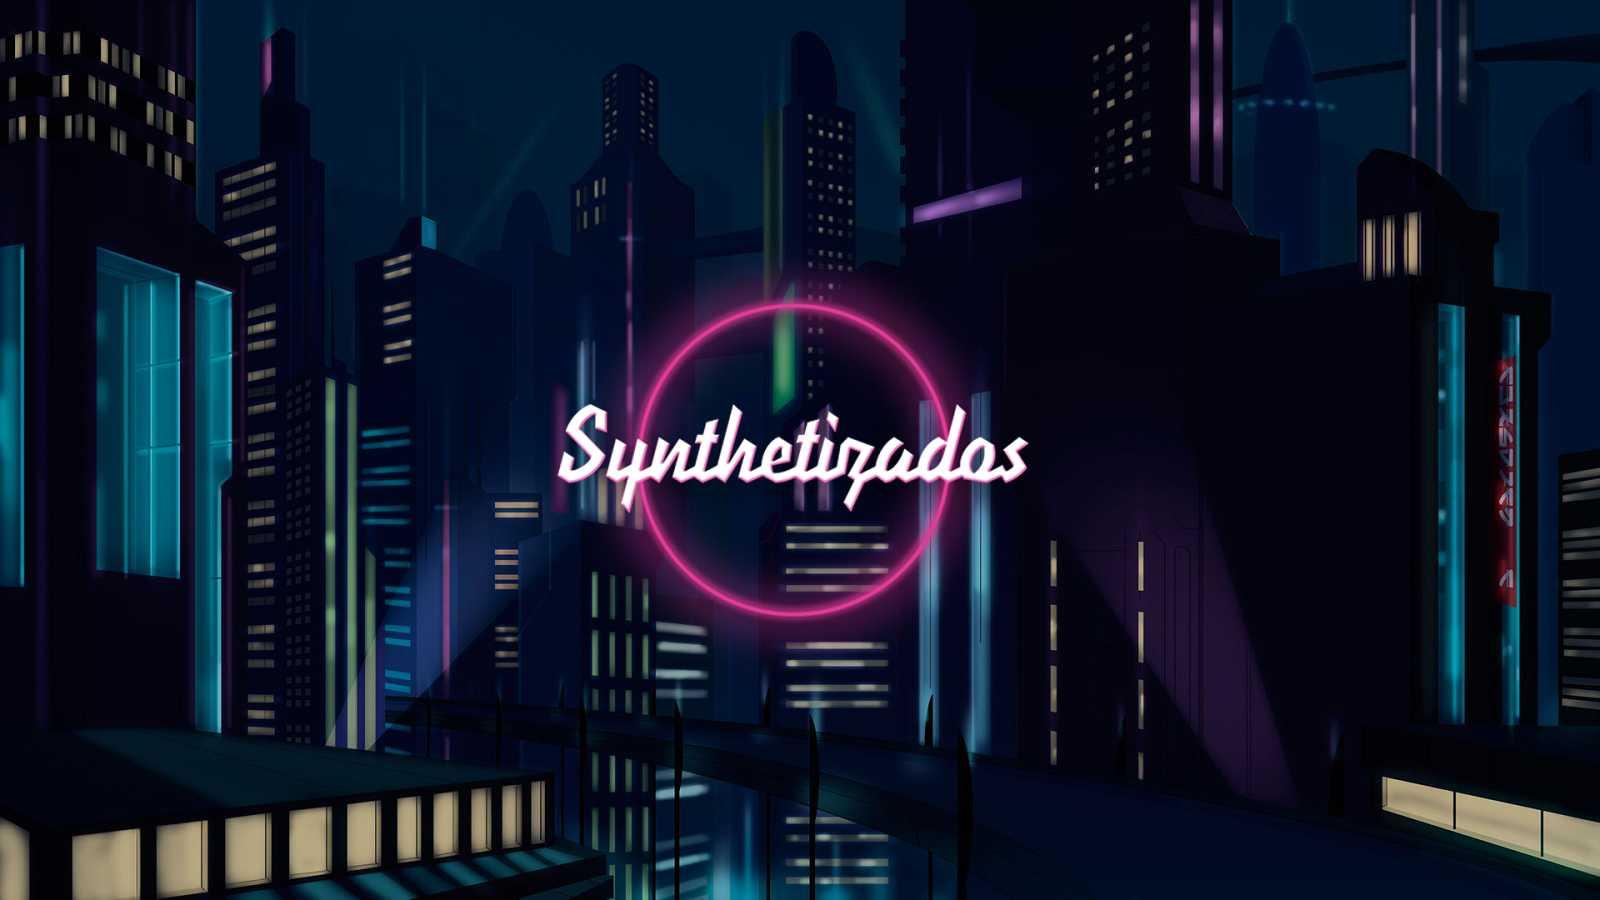 Synthetizados, el webdoc sobre la música hecha con sintetizadores